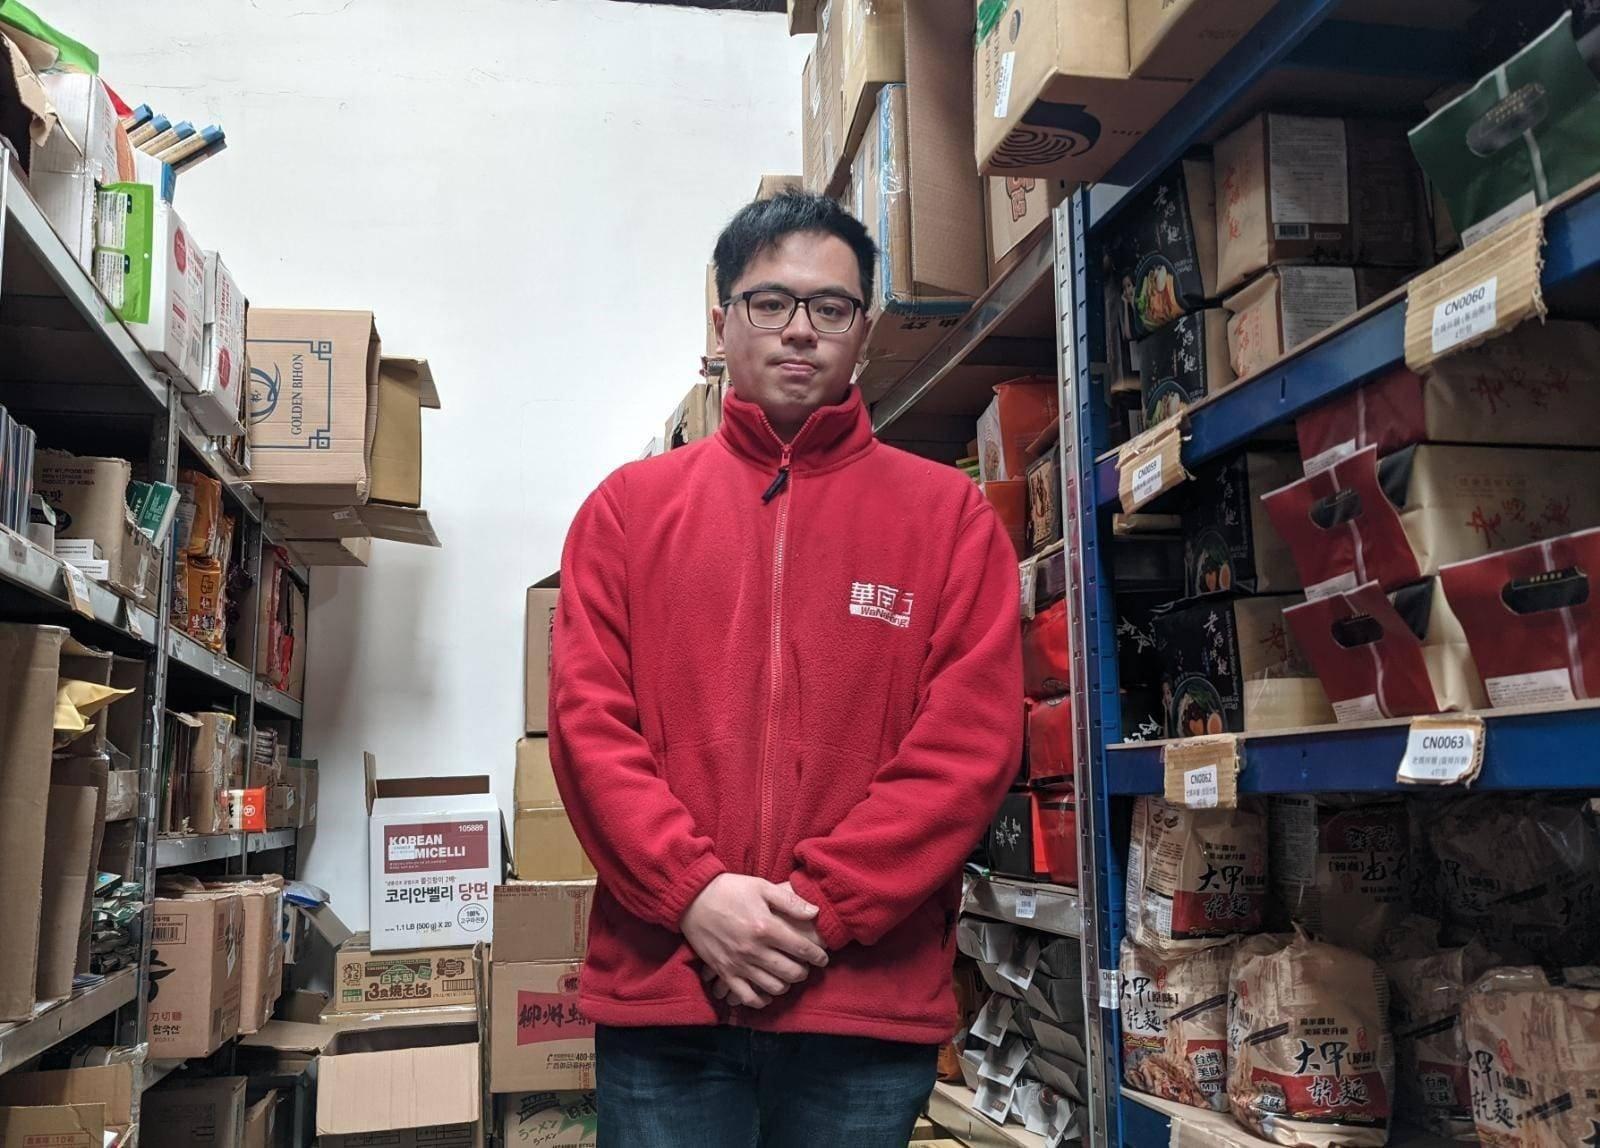 80後港人Magic在3年前獨自在英國倫敦創立一間食品公司——華南行。(文苳晴攝)